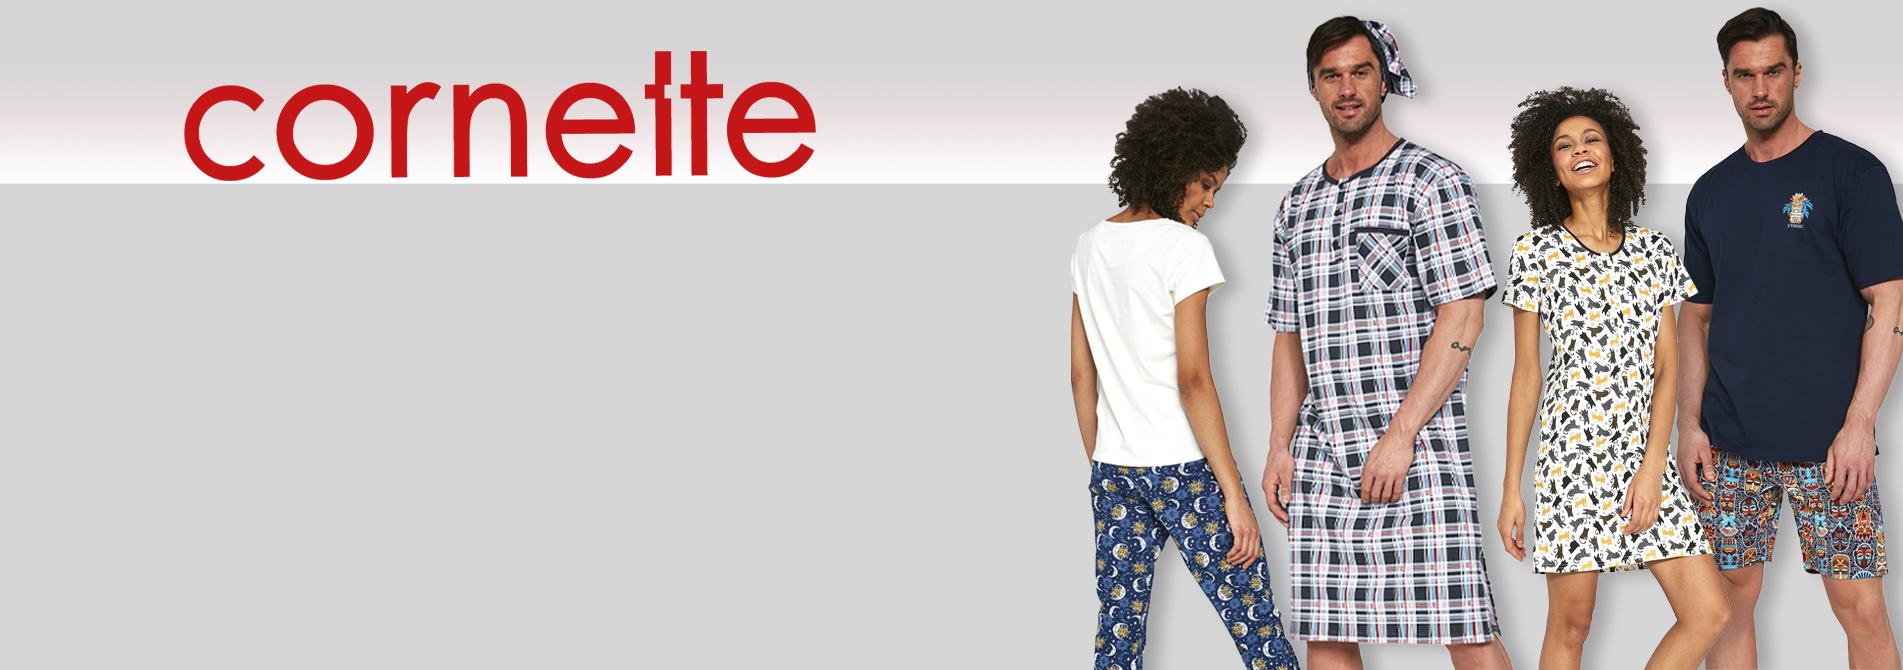 Corbette pizsamák